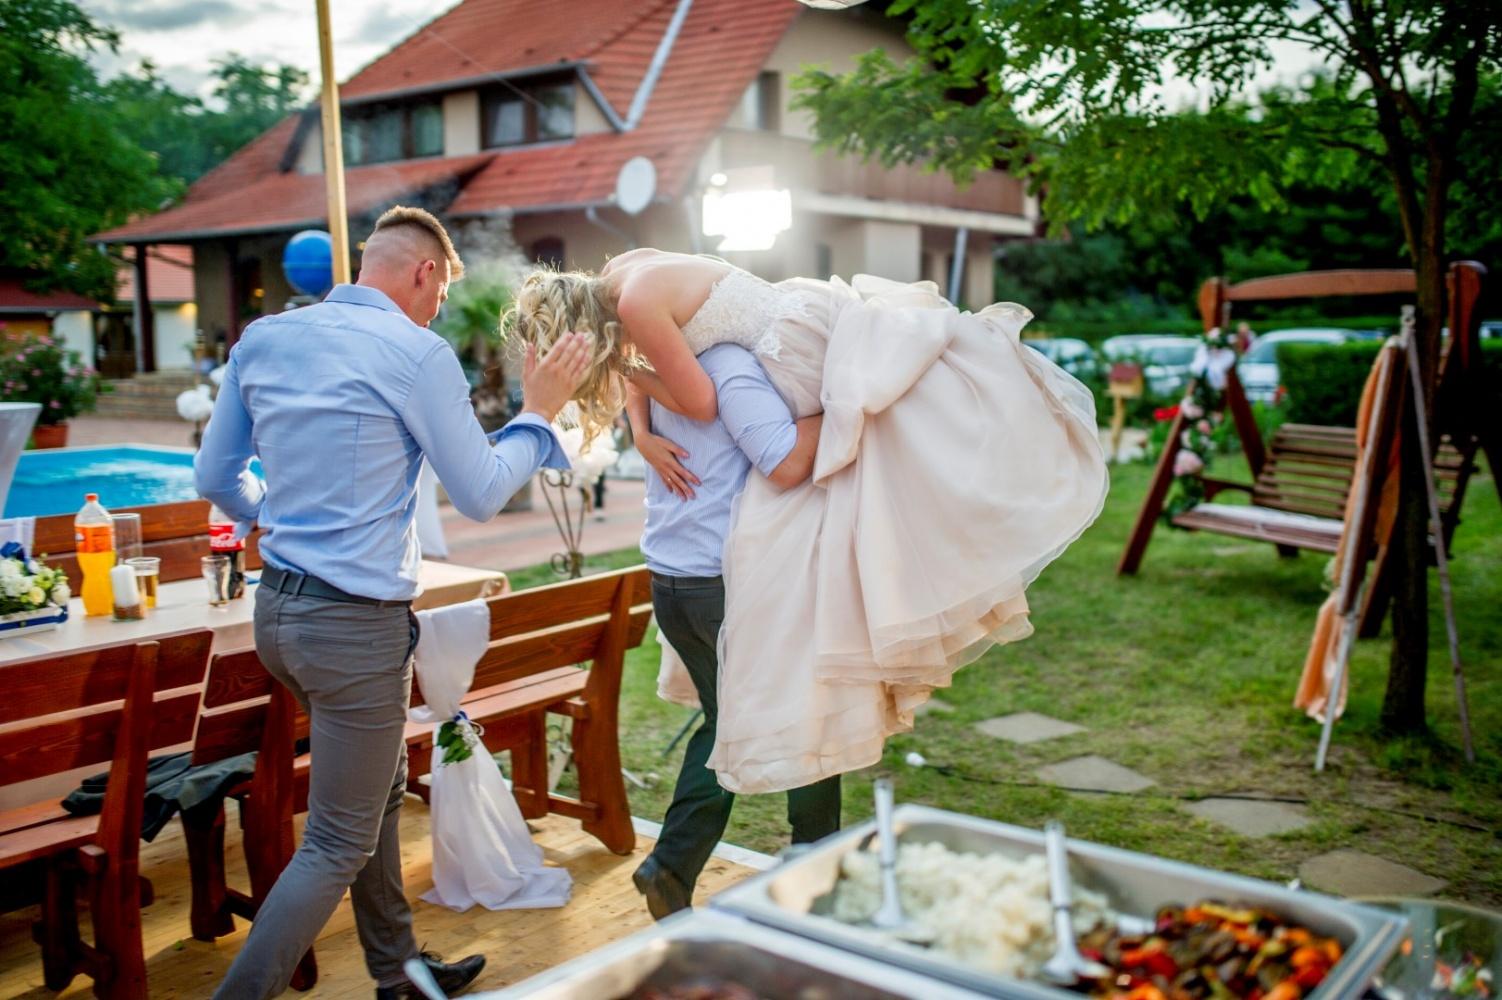 http://www.fotoz.sk/images/gallery-22/normal/eskuvoi-fotos_svadobny-fotograf_568.jpg